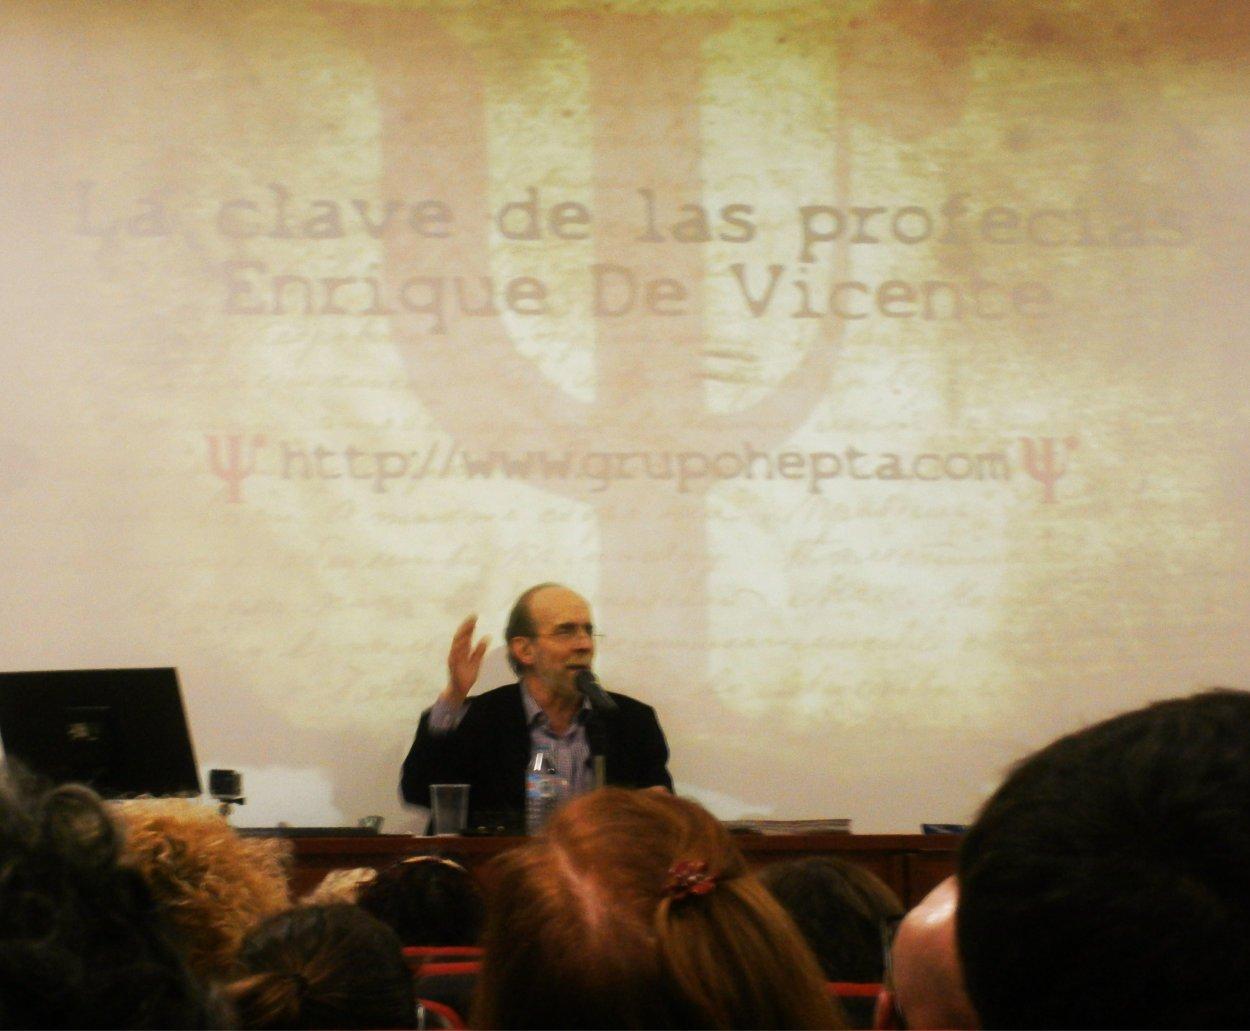 Enrique de Vicente en su conferencia sobre La Clave de las Profecías en las VII Jornadas de Parapsicología del Grupo Hepta